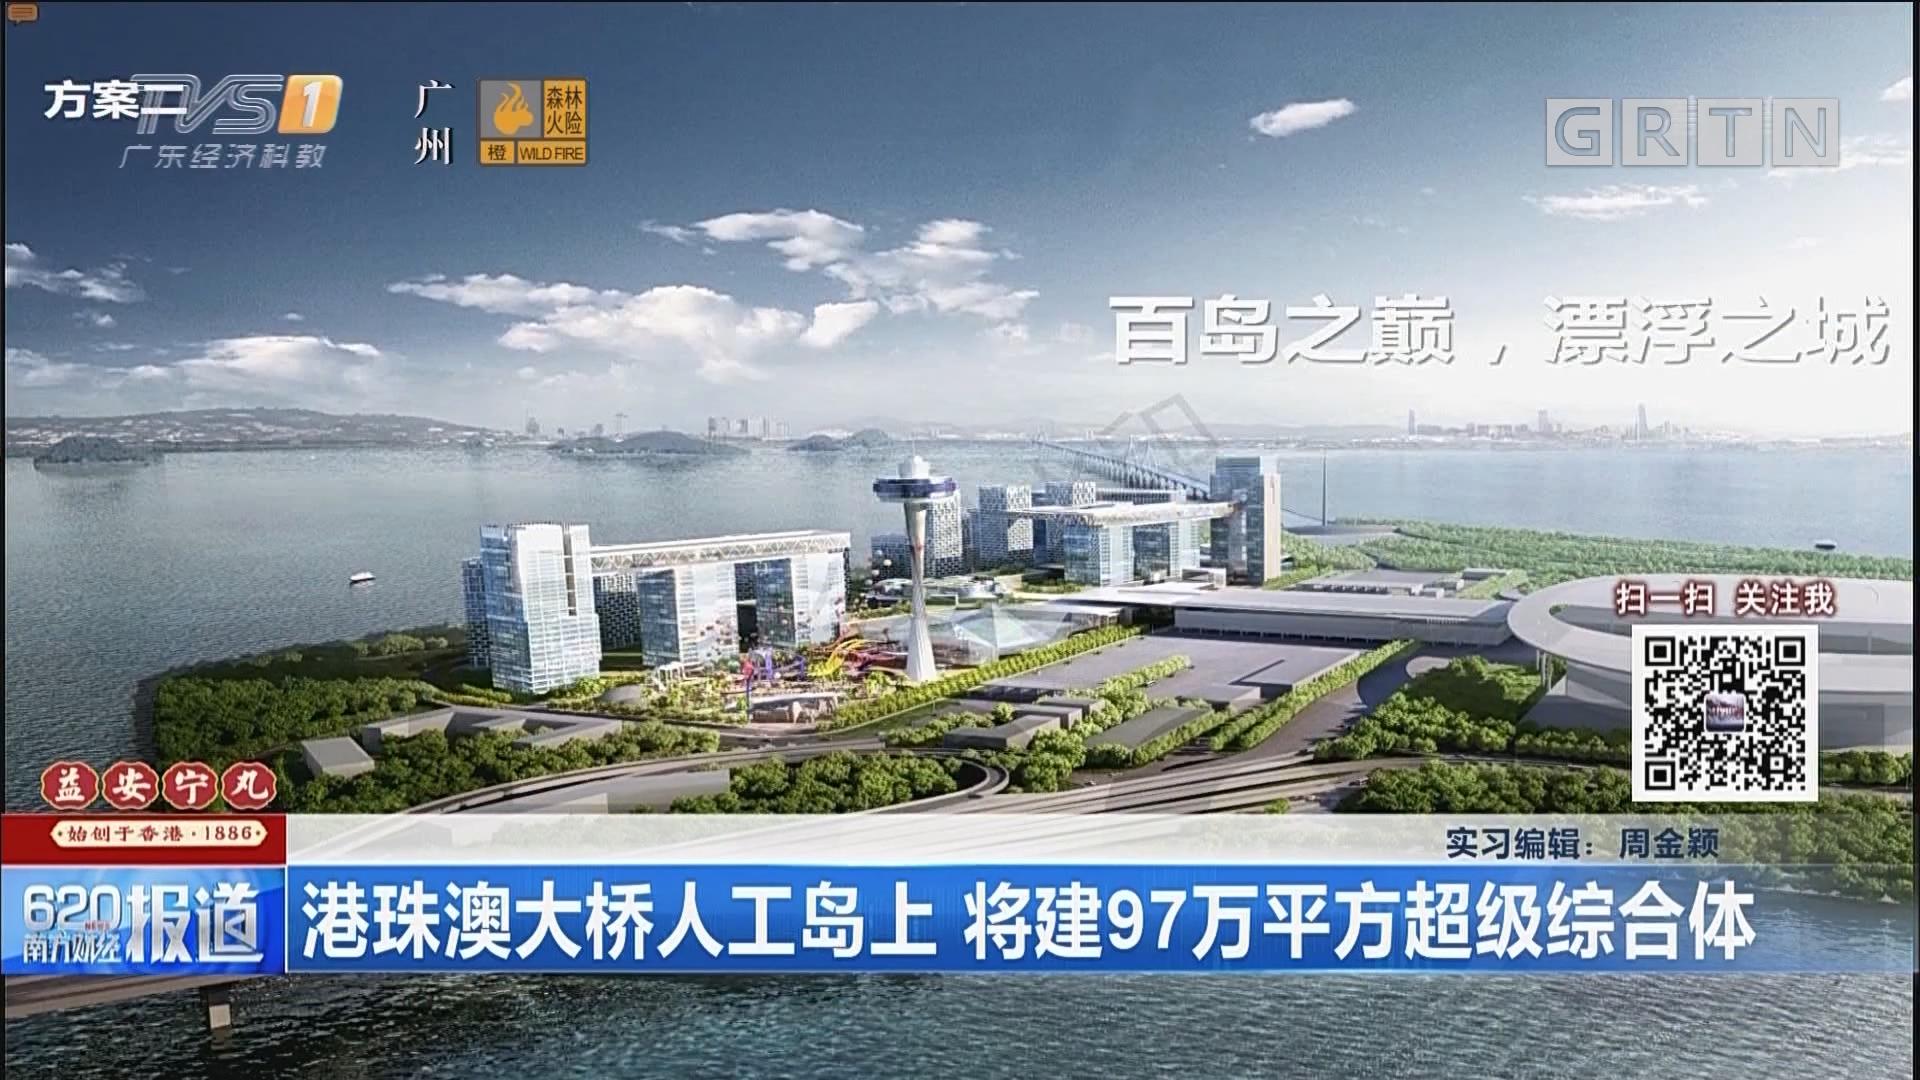 港珠澳大橋人工島上 將建97萬平方超級綜合體